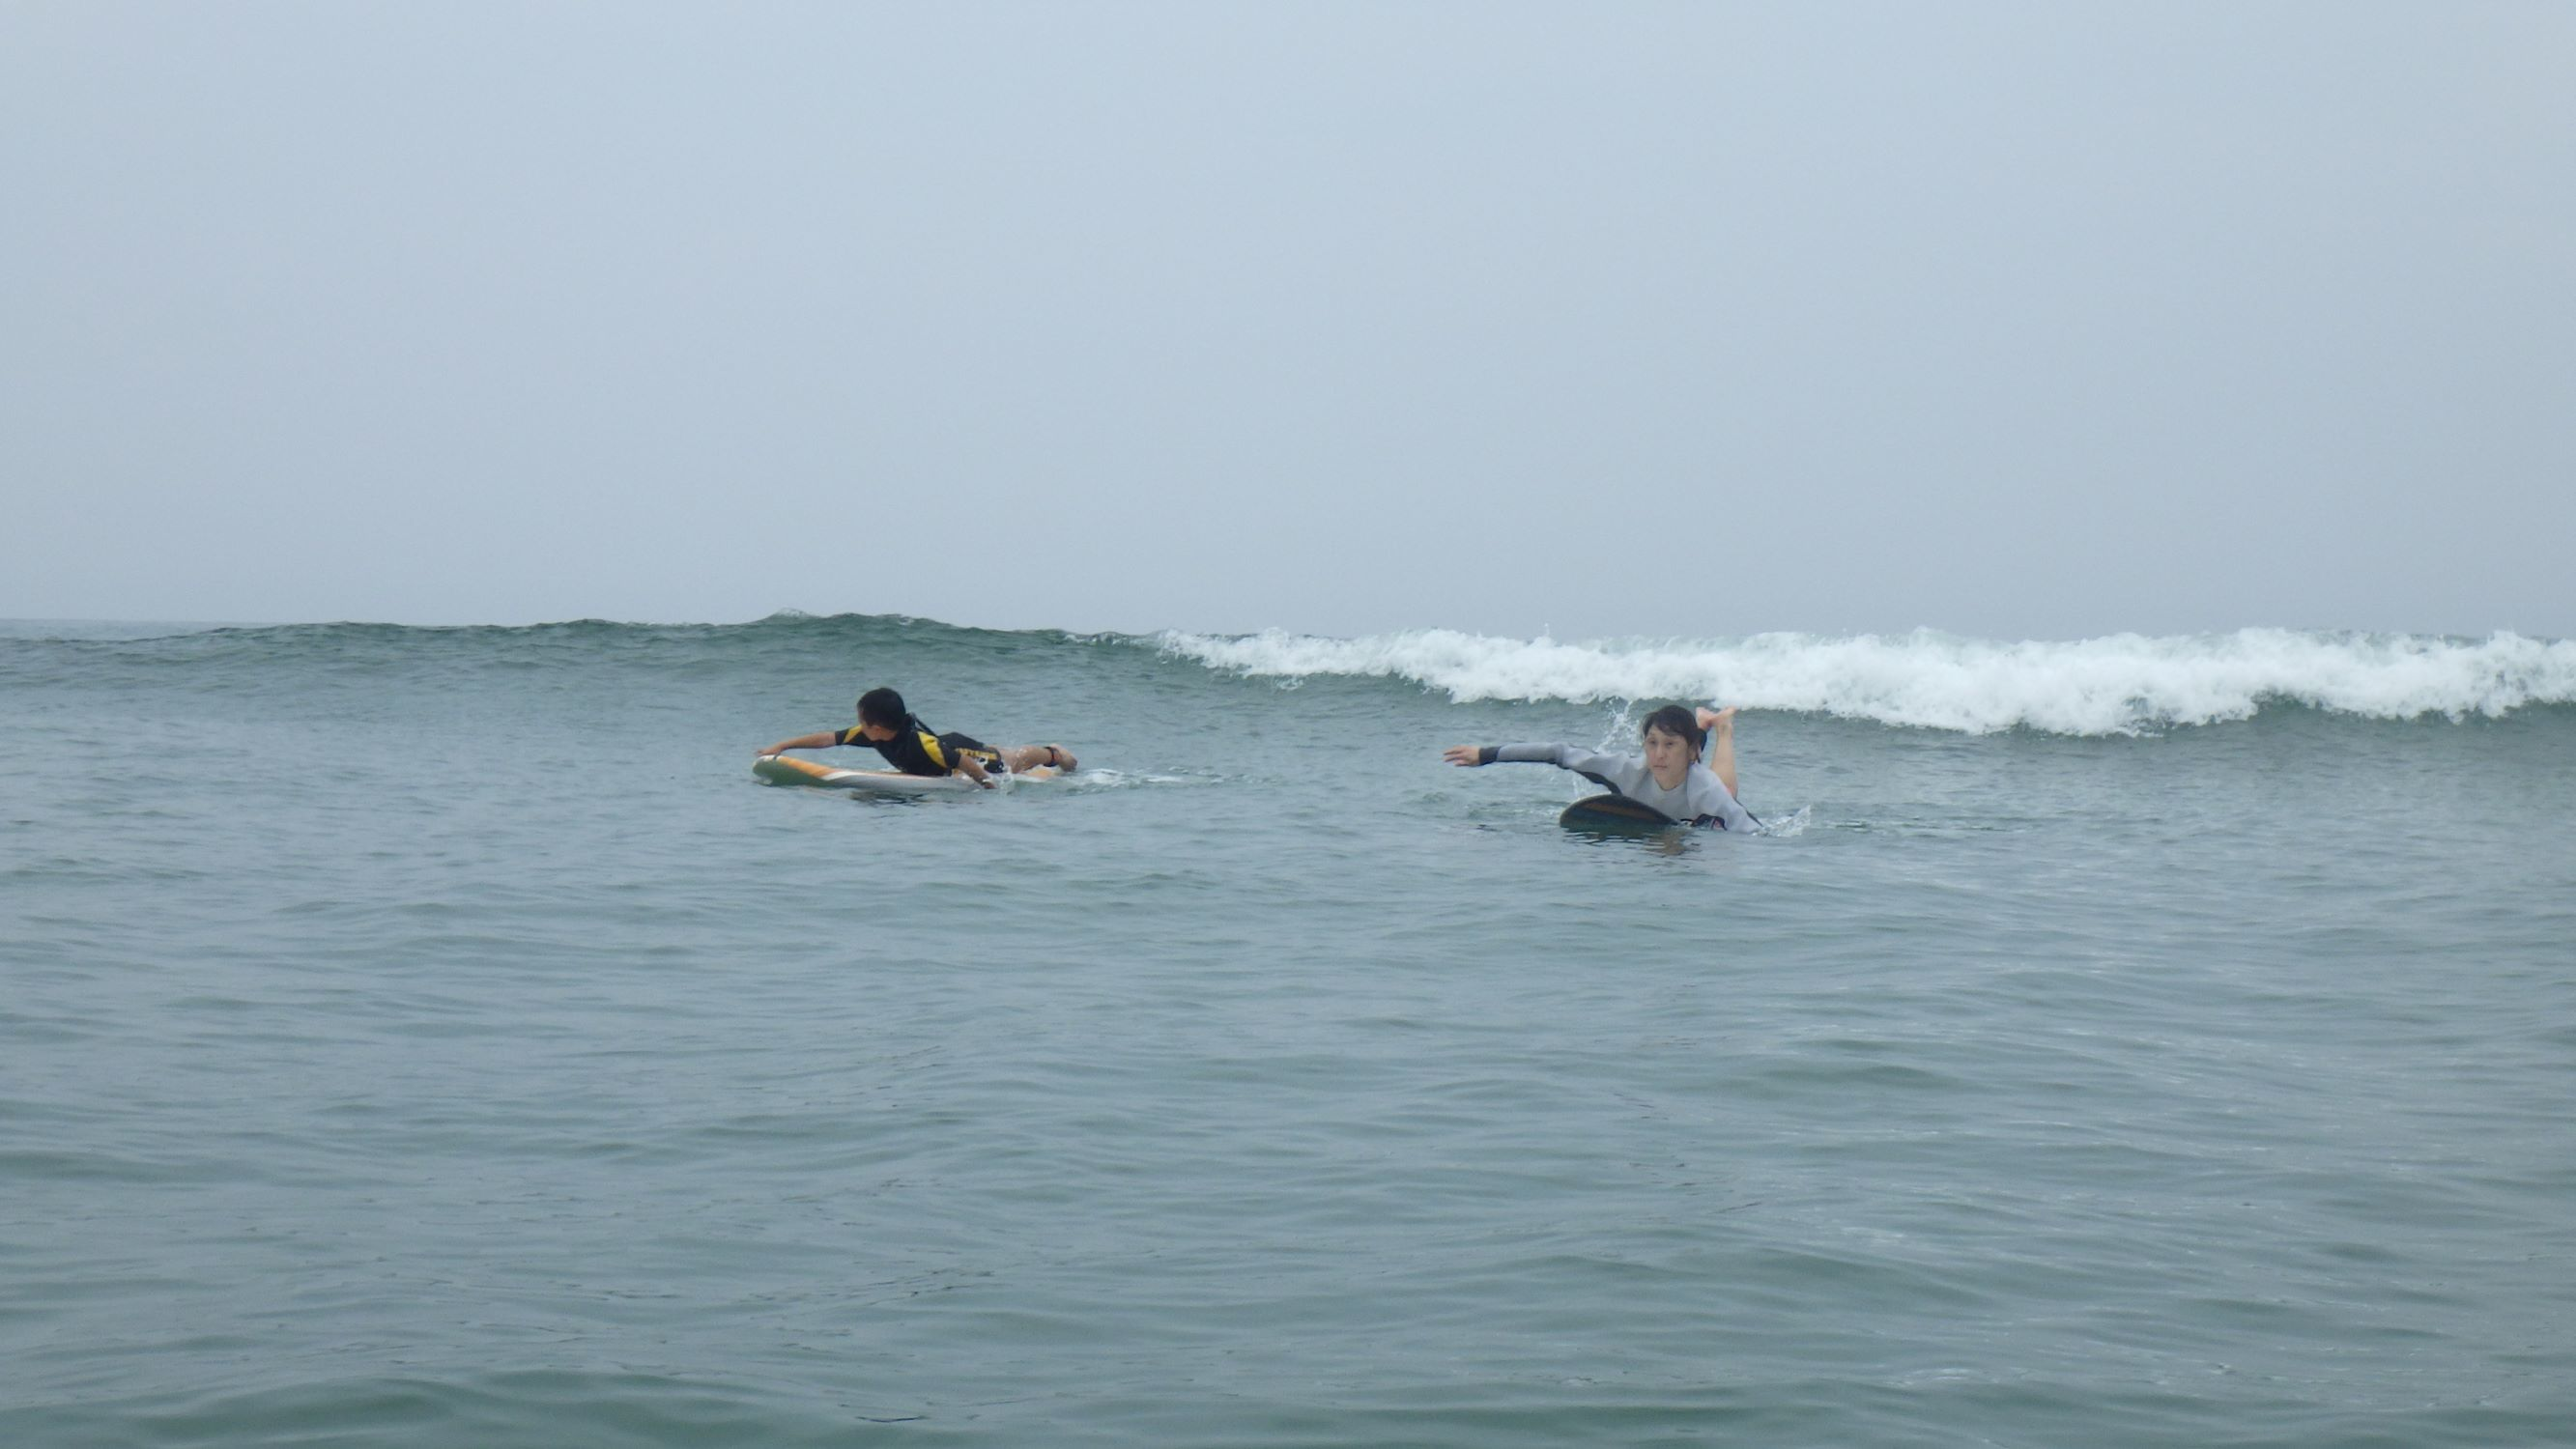 お母さんと一緒にサーフィンを楽しもう_f0009169_07375671.jpg